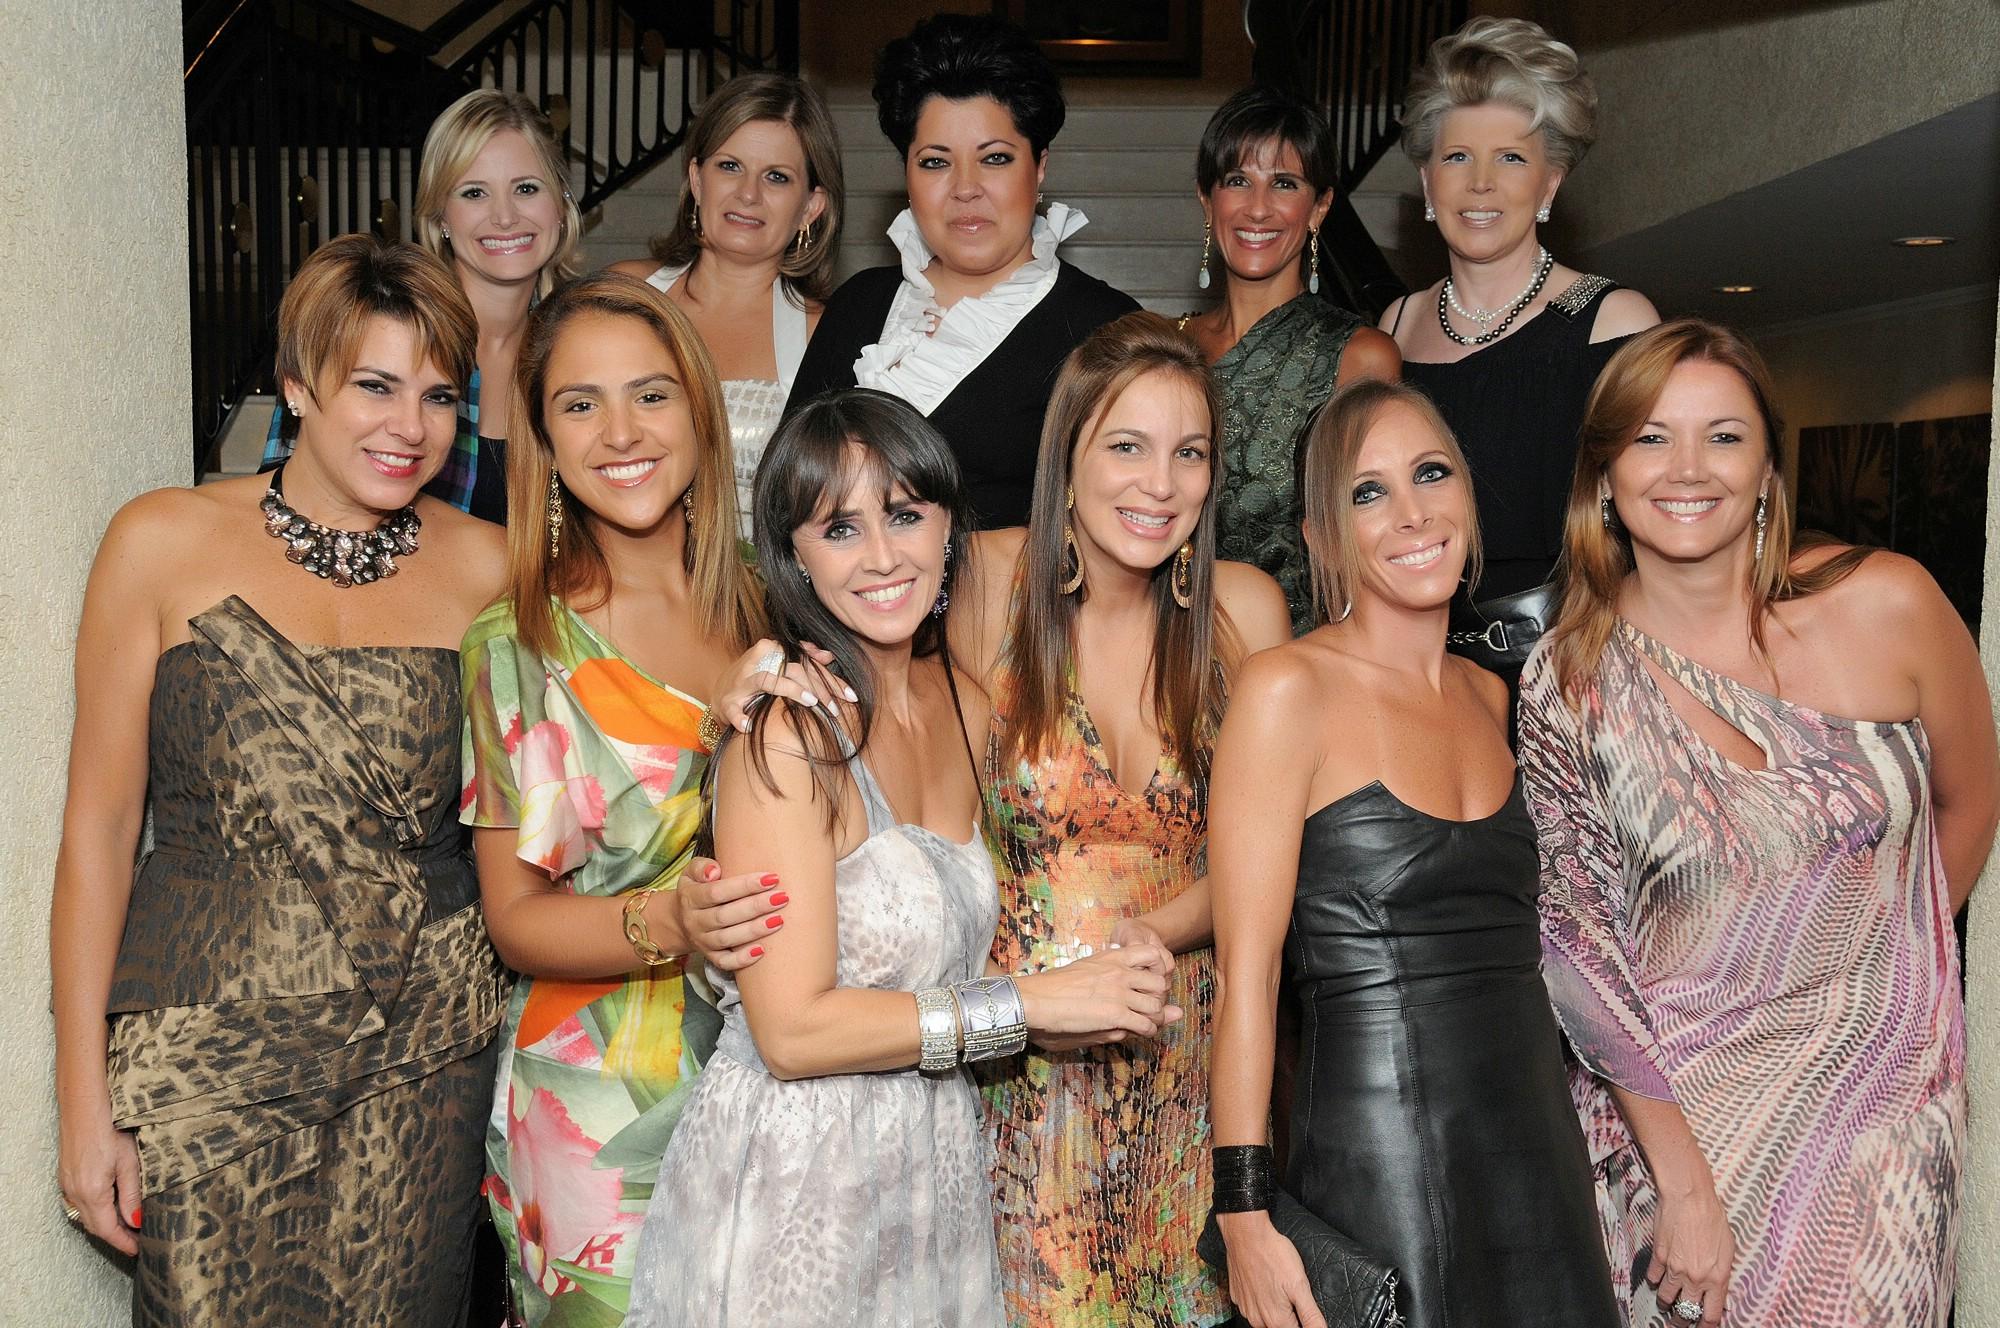 Uncio Mulheres Sul Curitiba-7858